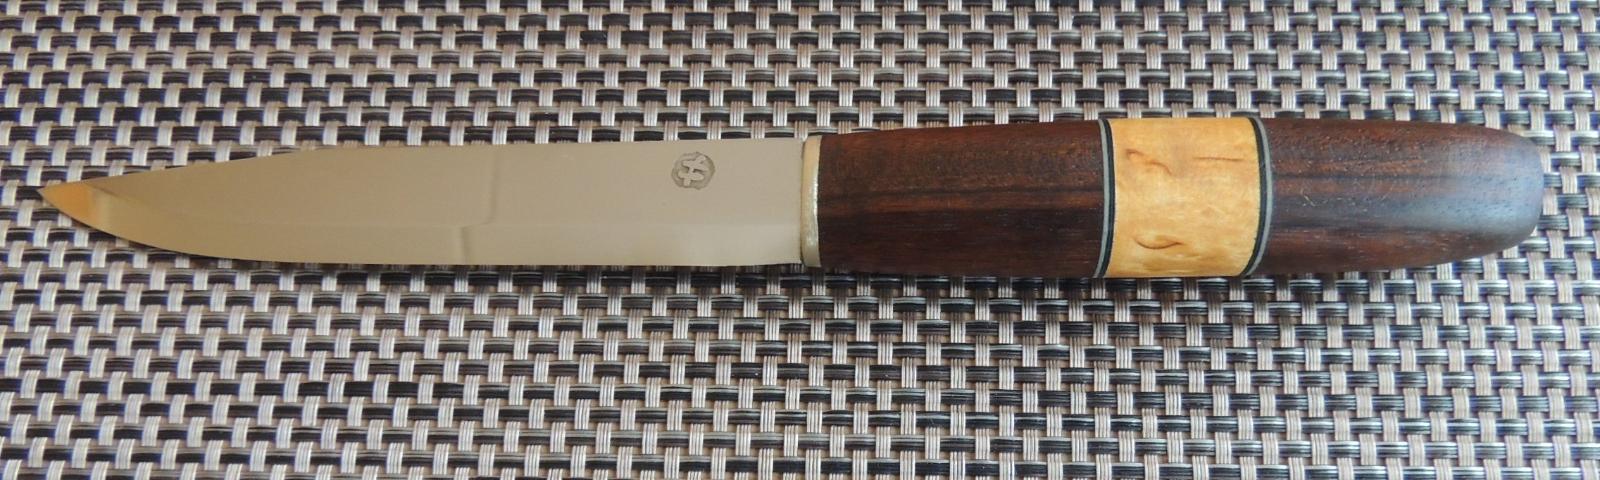 Nůž Mora Carbon 150 - Střelba a myslivost